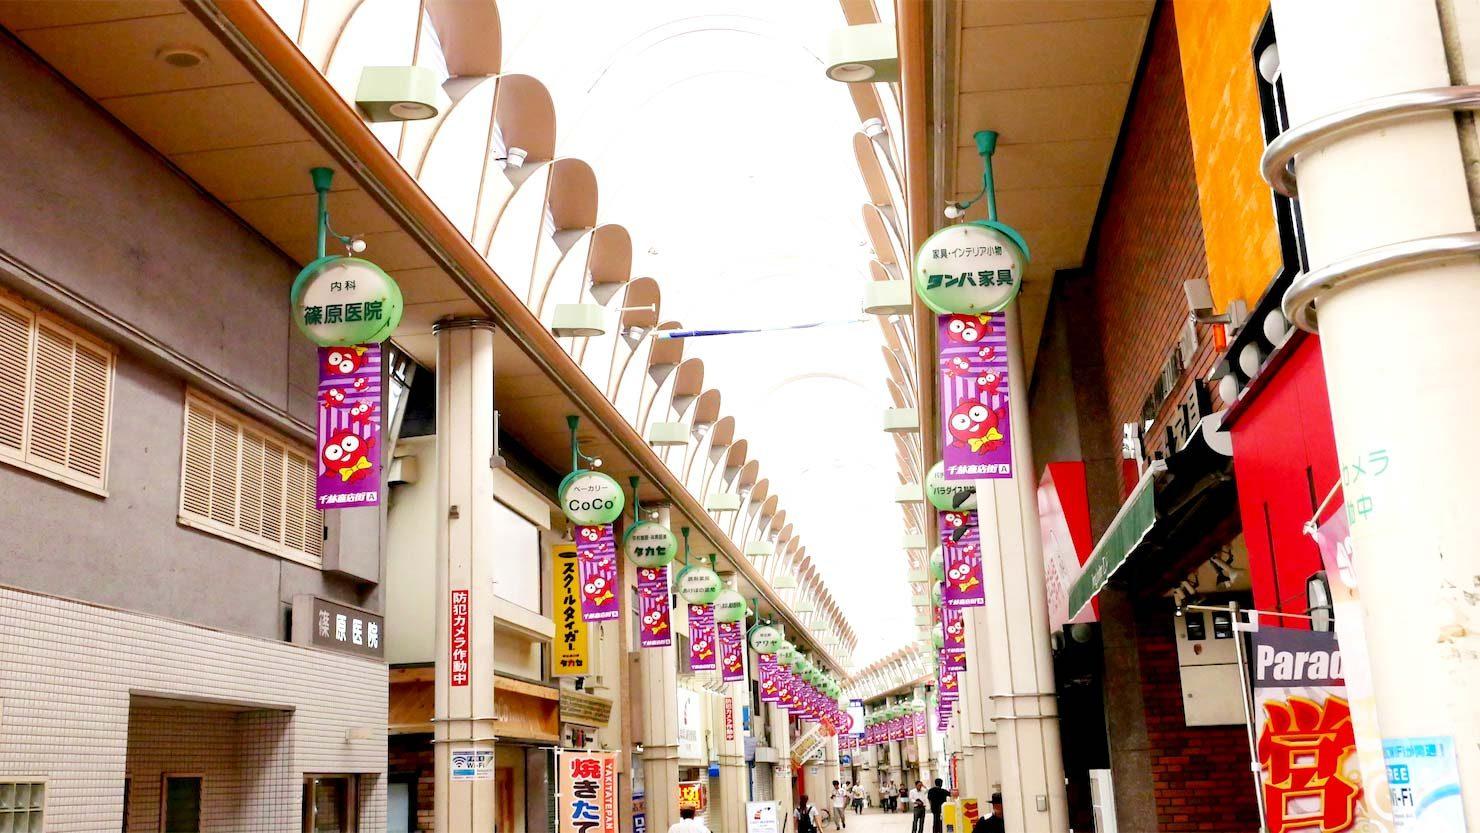 これぞ大阪の下町! レトロな商店街、千林商店街で暮らそう